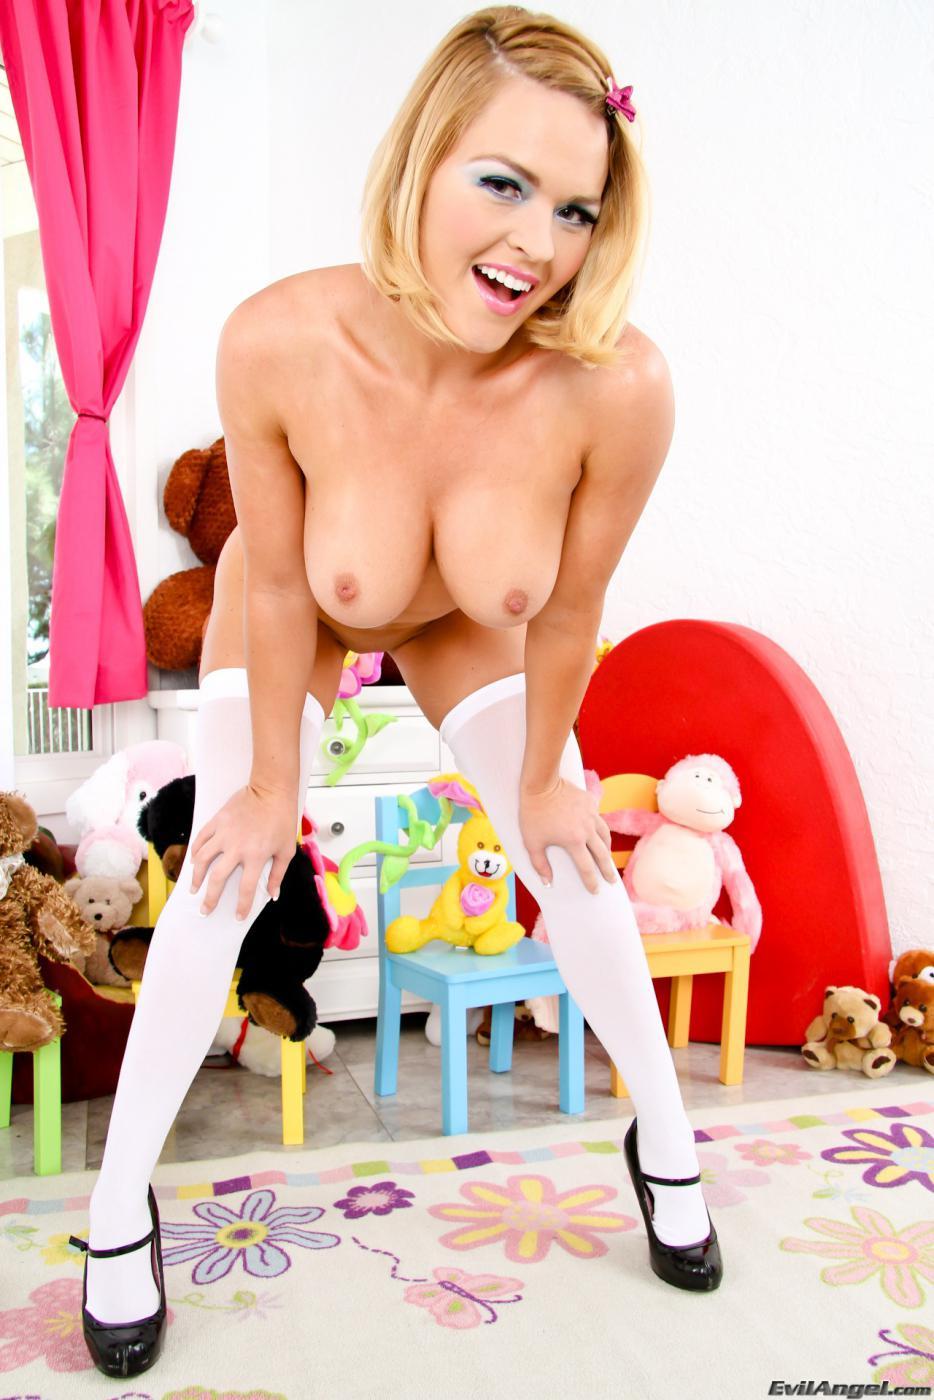 Красивая блондинка Krissy Lynn полностью готова продемонстрировать свою приличную попку